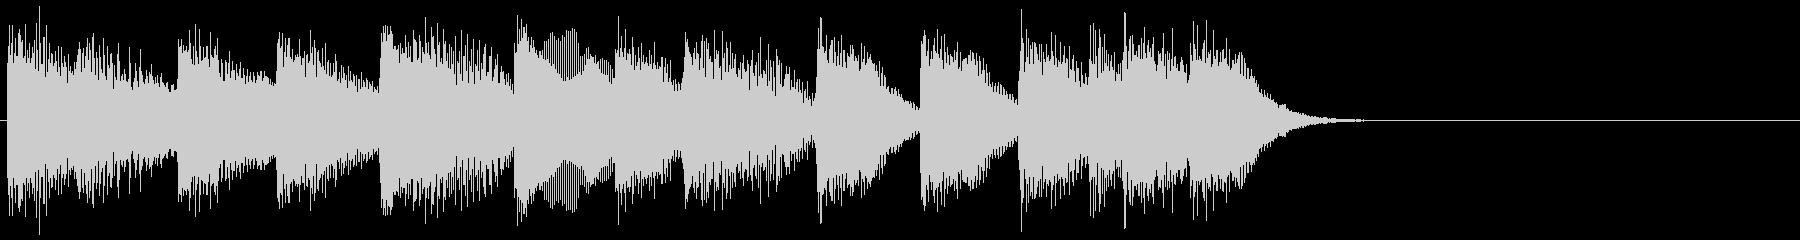 ピアノ ジングル02 明るいの未再生の波形